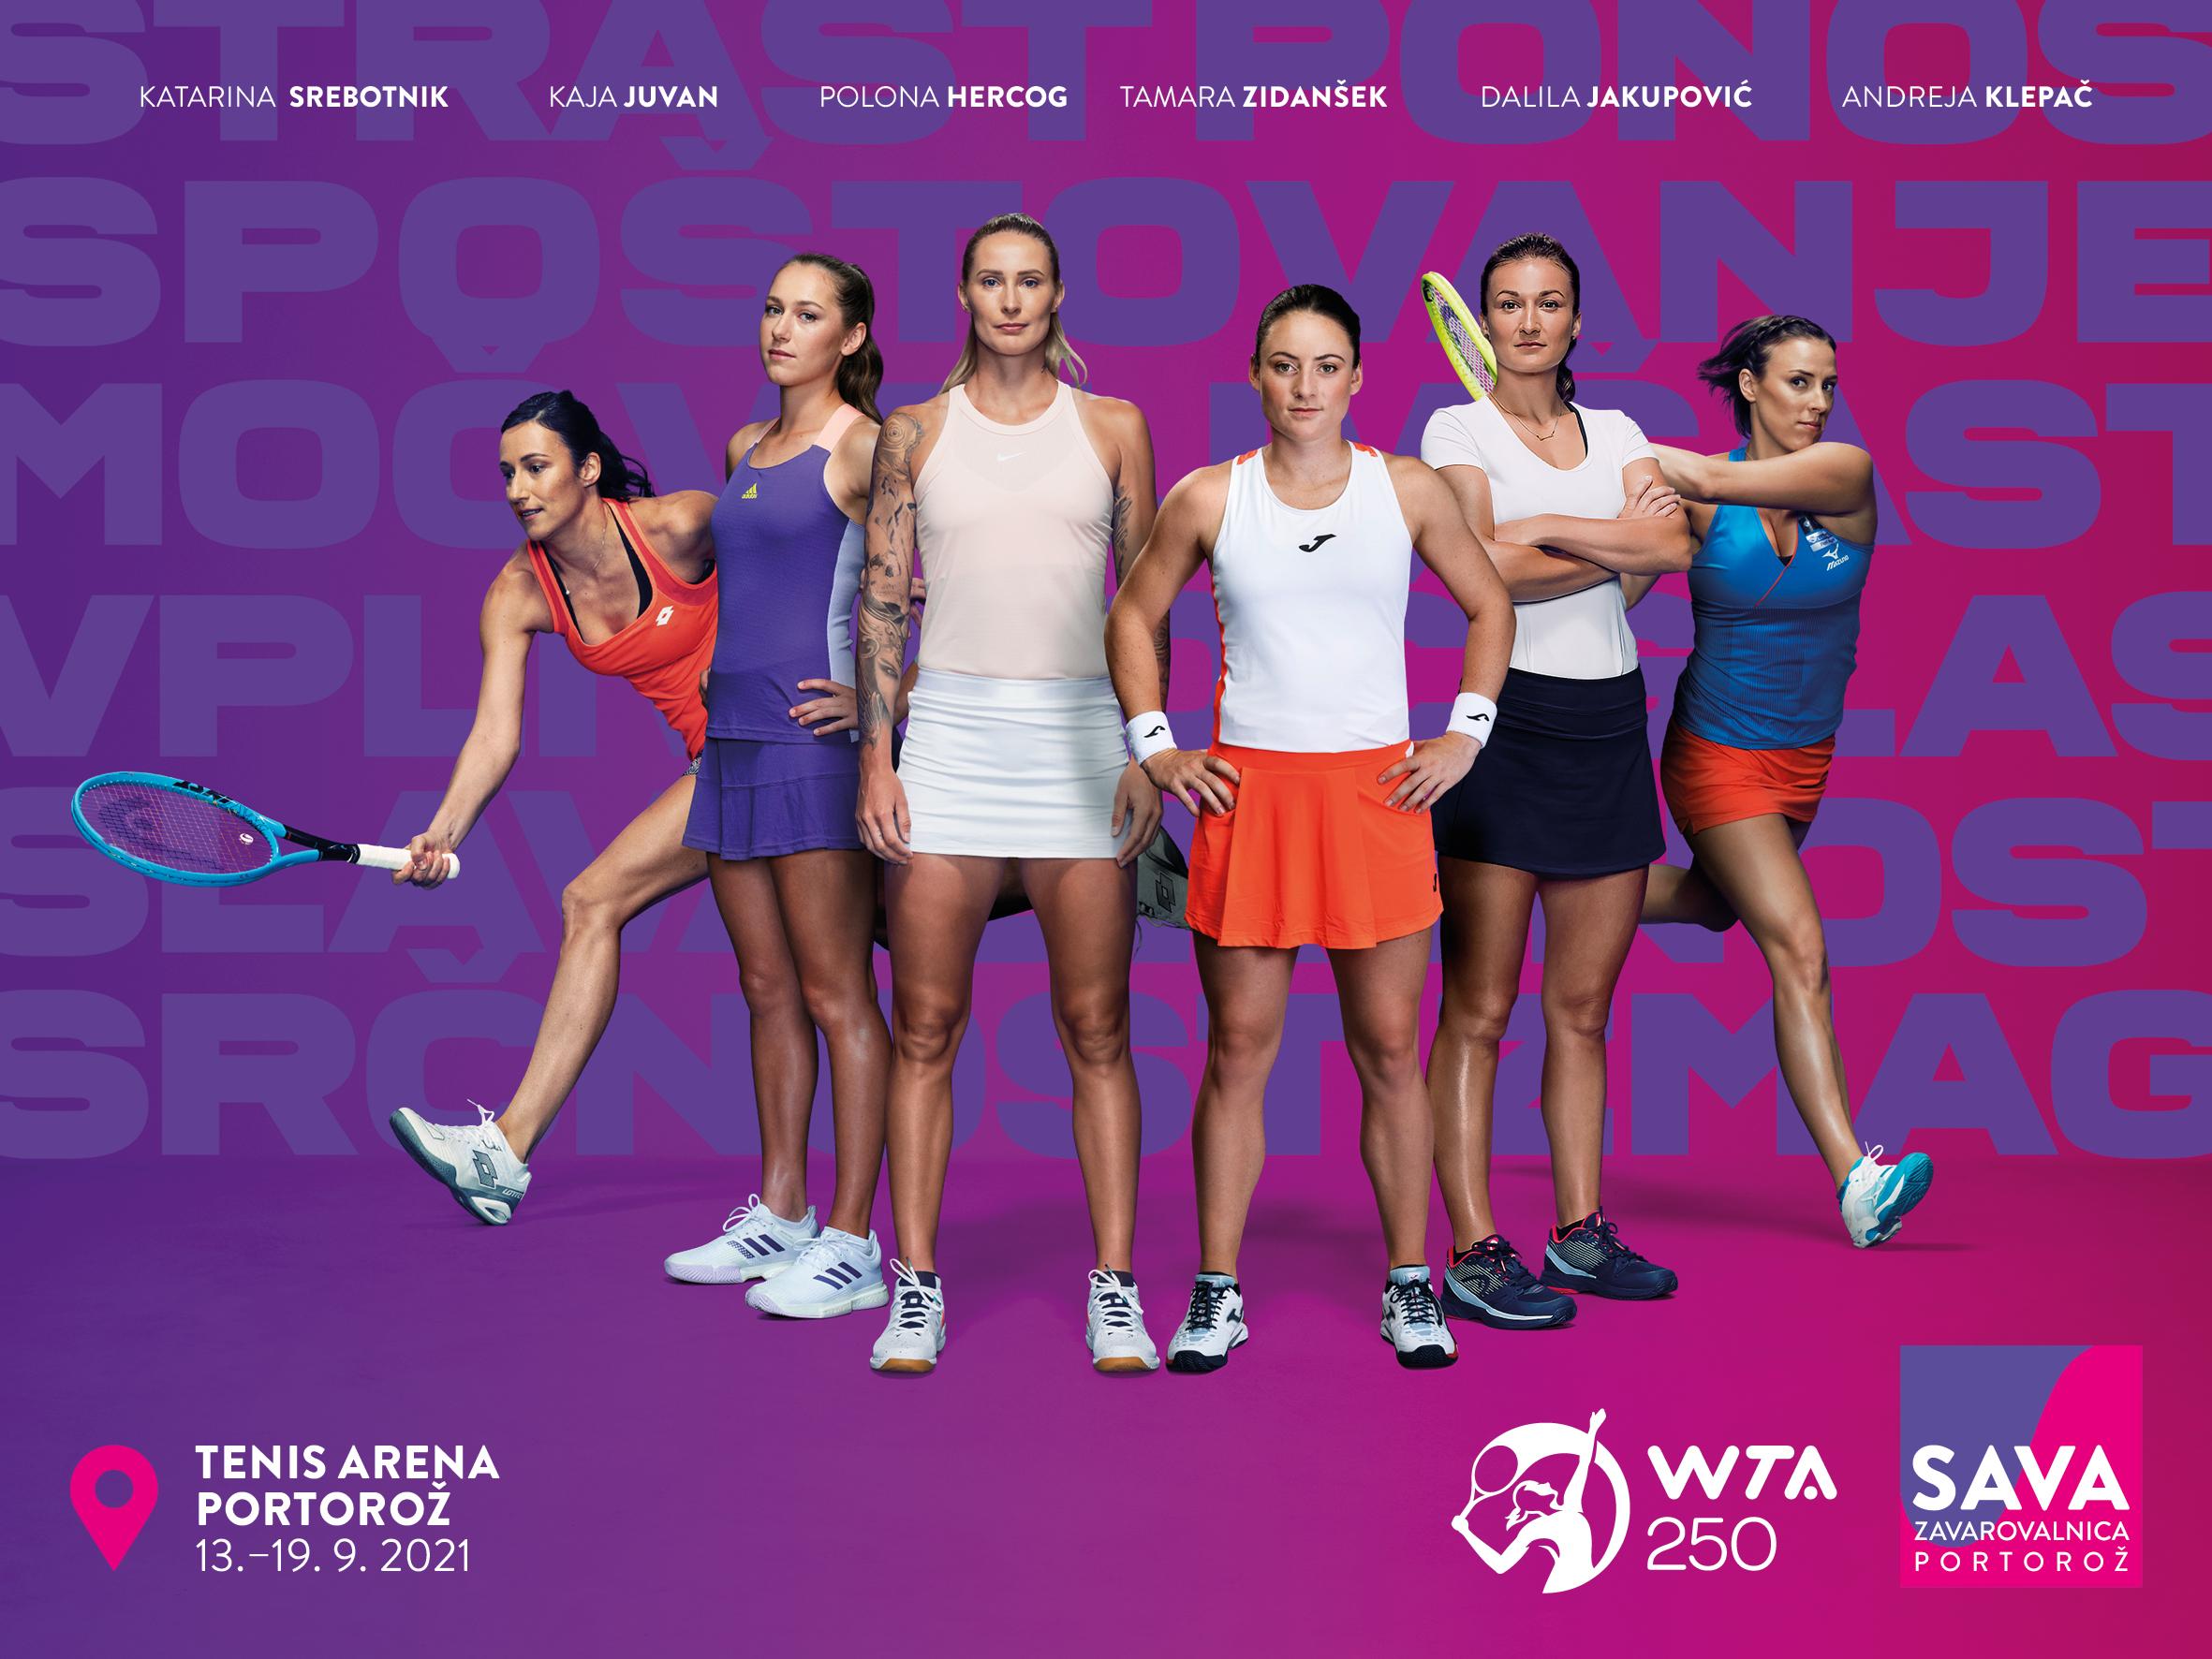 BB WTA 4x3 F 1 - Dež preprečil četrtkove dvoboje